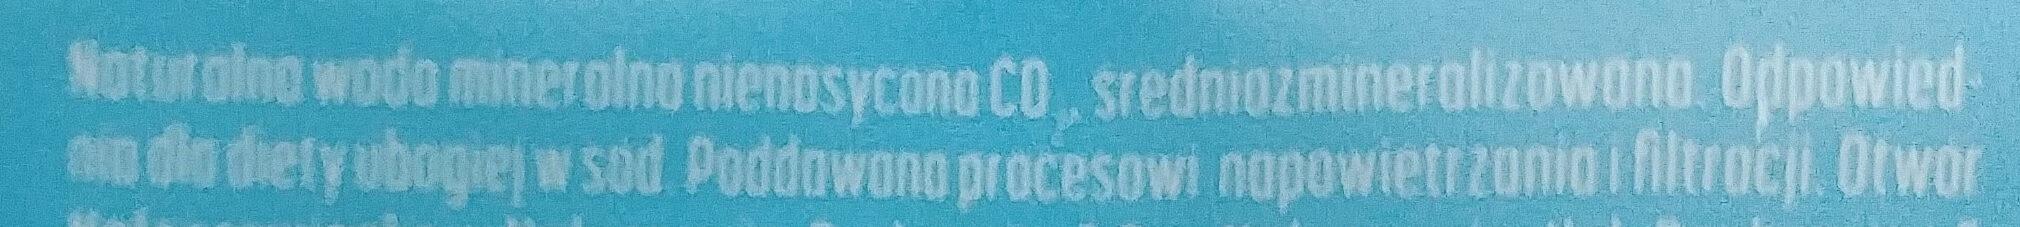 Woda mineralna niegazowana - Składniki